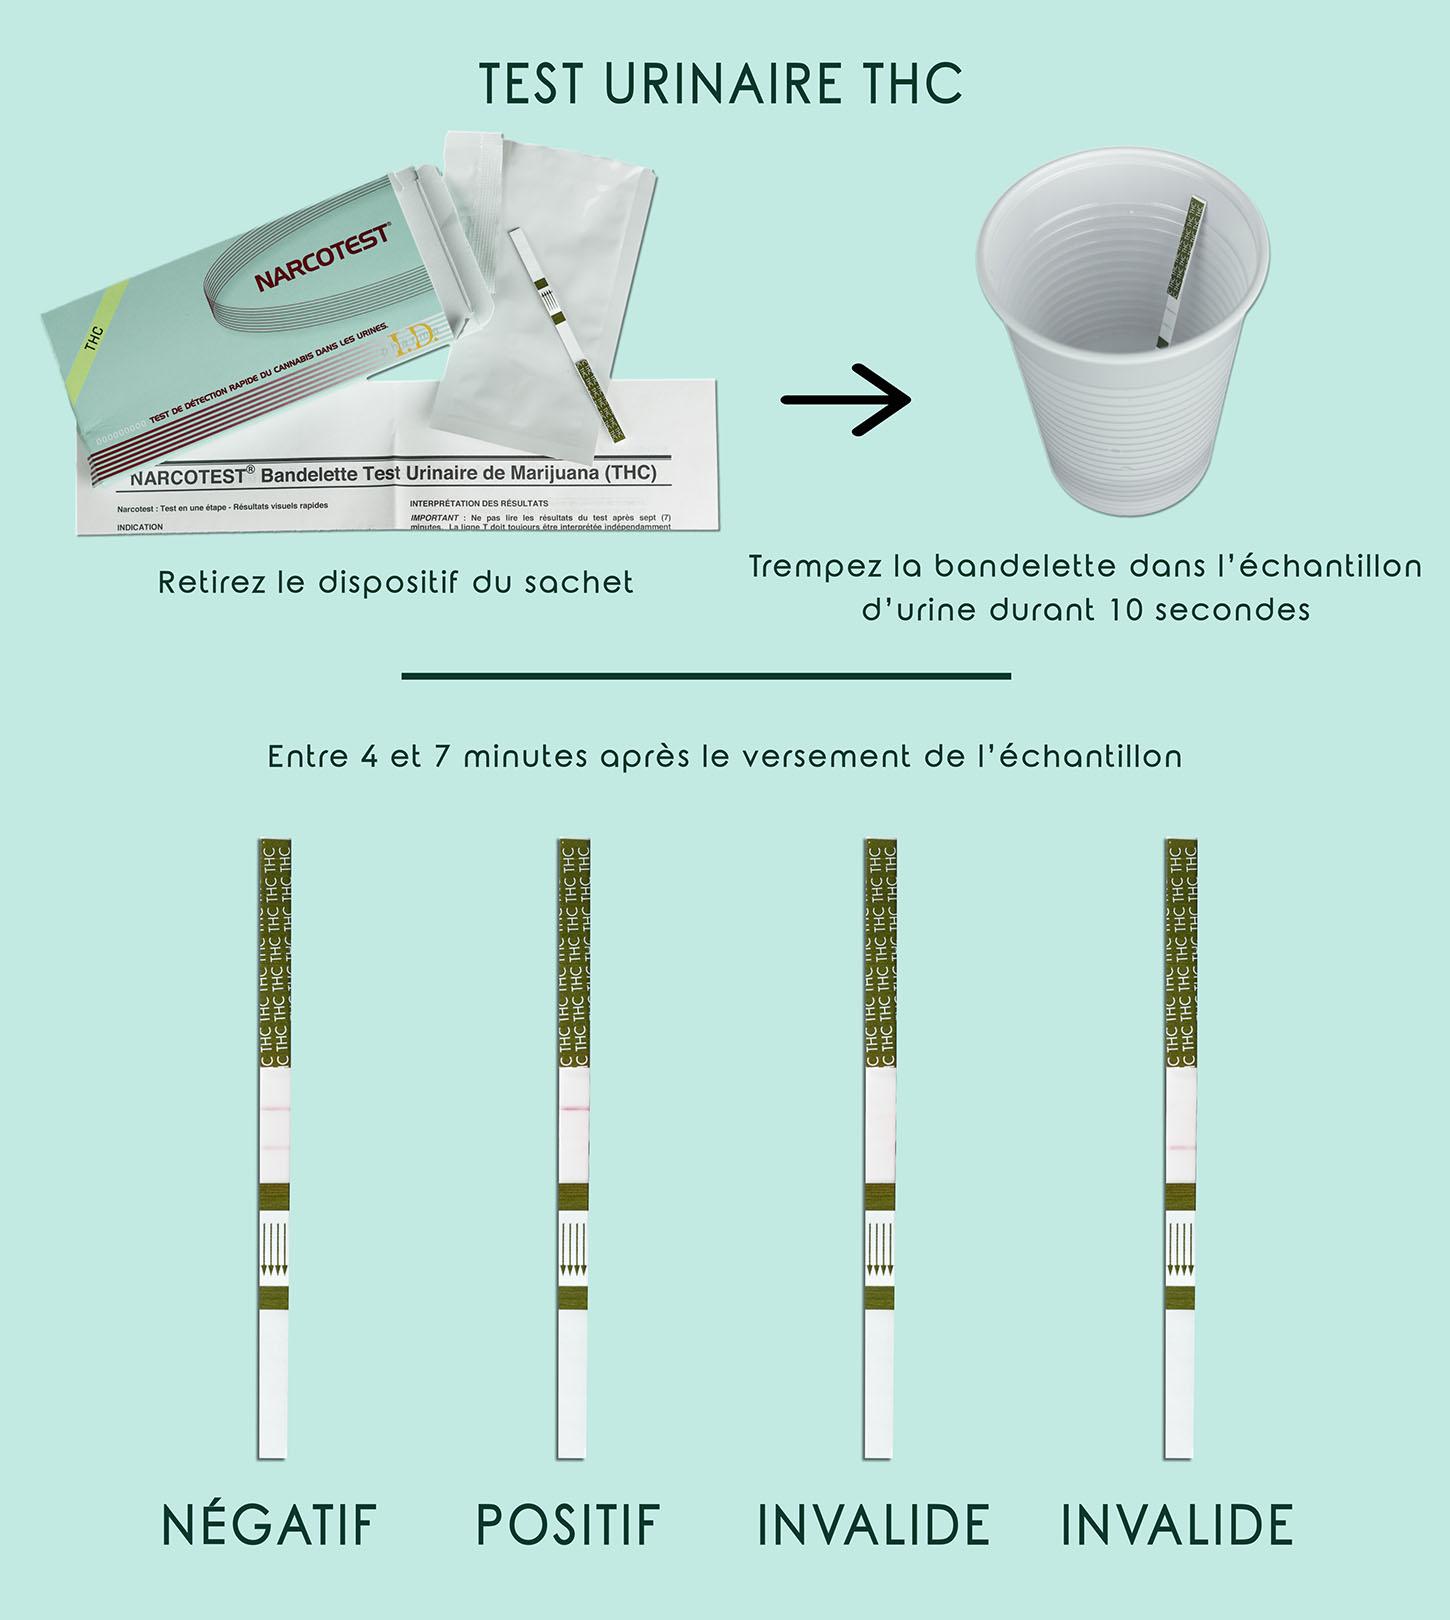 narcotest test de d tection rapide de drogues simple rapide et fiable 99. Black Bedroom Furniture Sets. Home Design Ideas